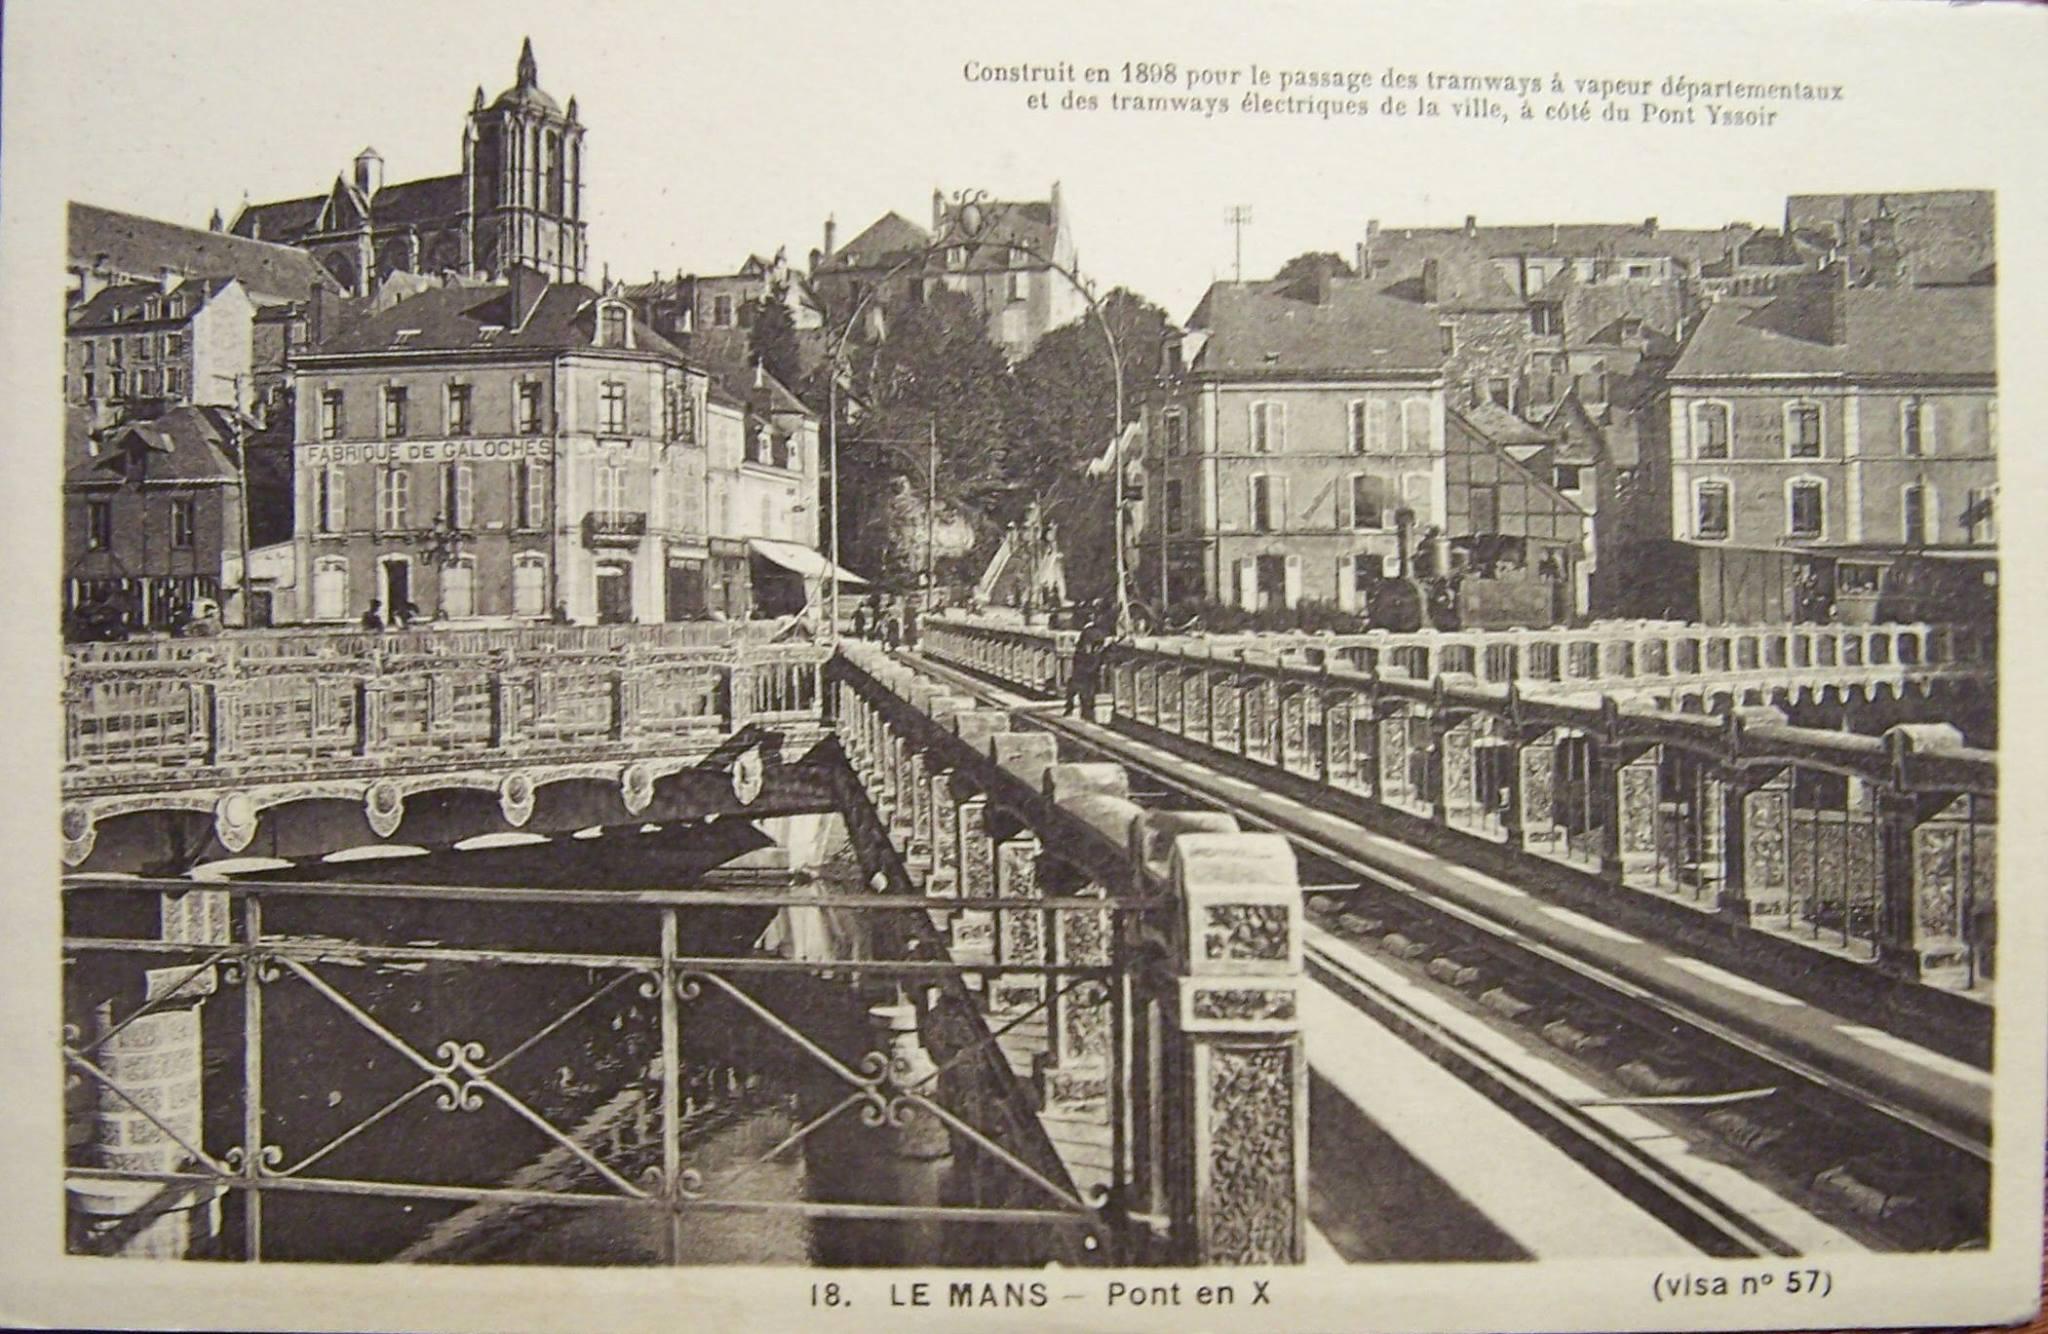 Le Mans - Pont en X - Construit en 1808 pour le passage des tramways à vapeur départementaux et des tramways électriques de la ville, à côté du Pont Yssoir